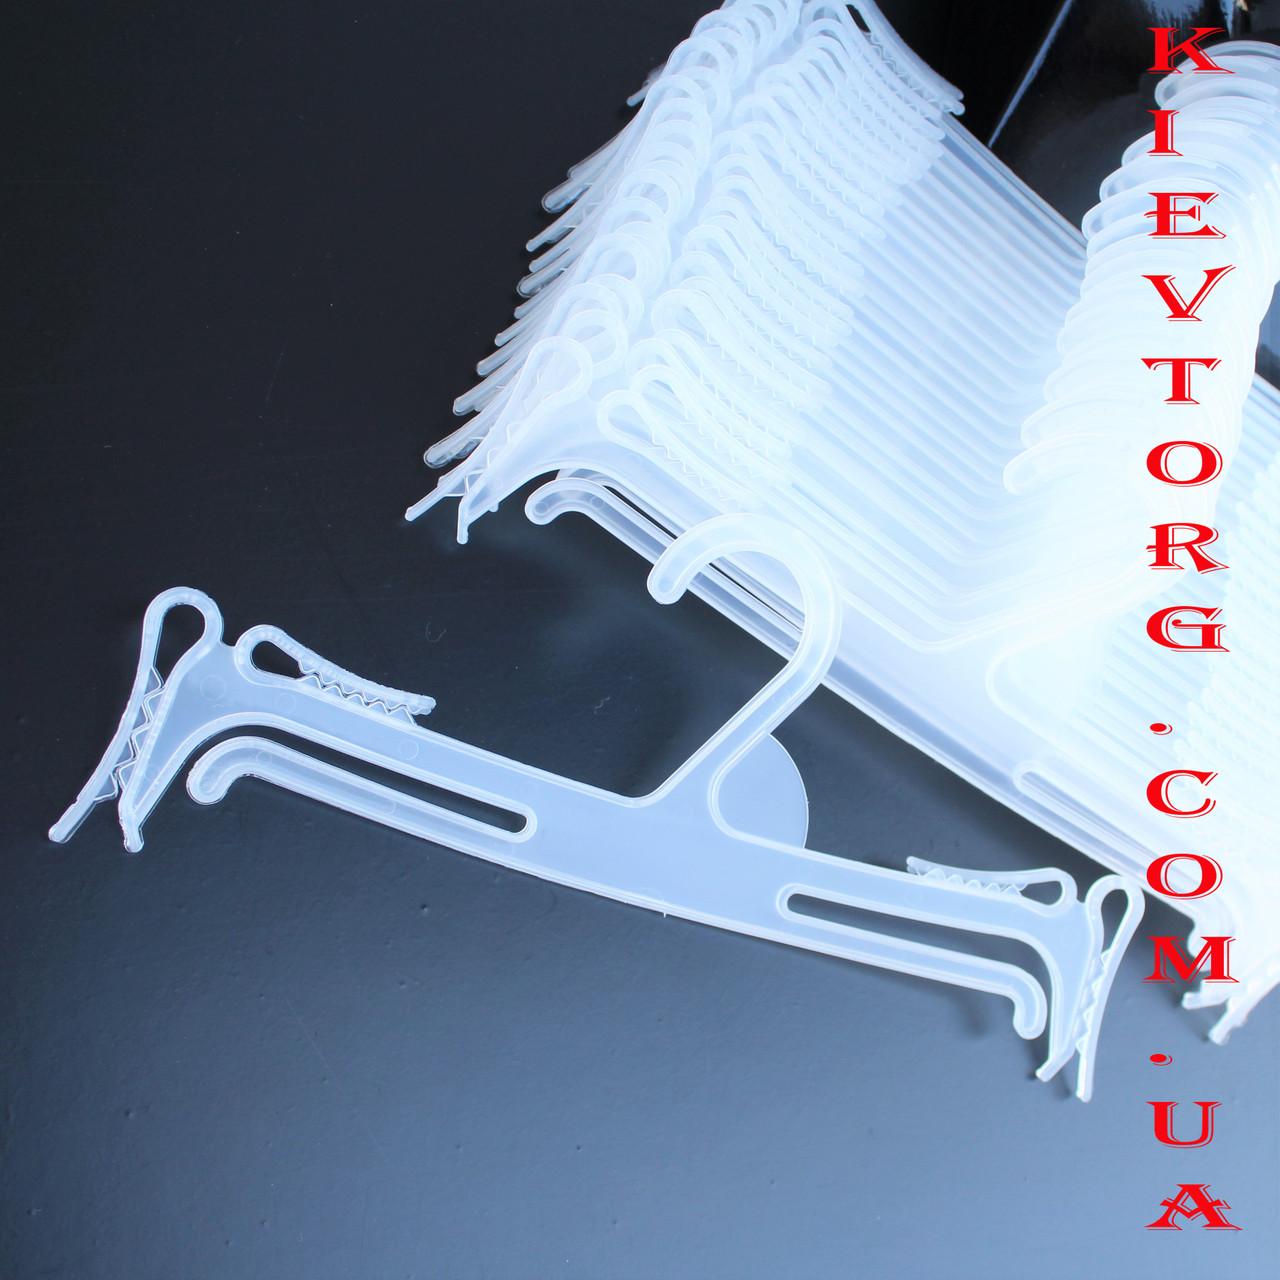 Вешалки плечики бельевые для комплектов нижнего белья белые матовые